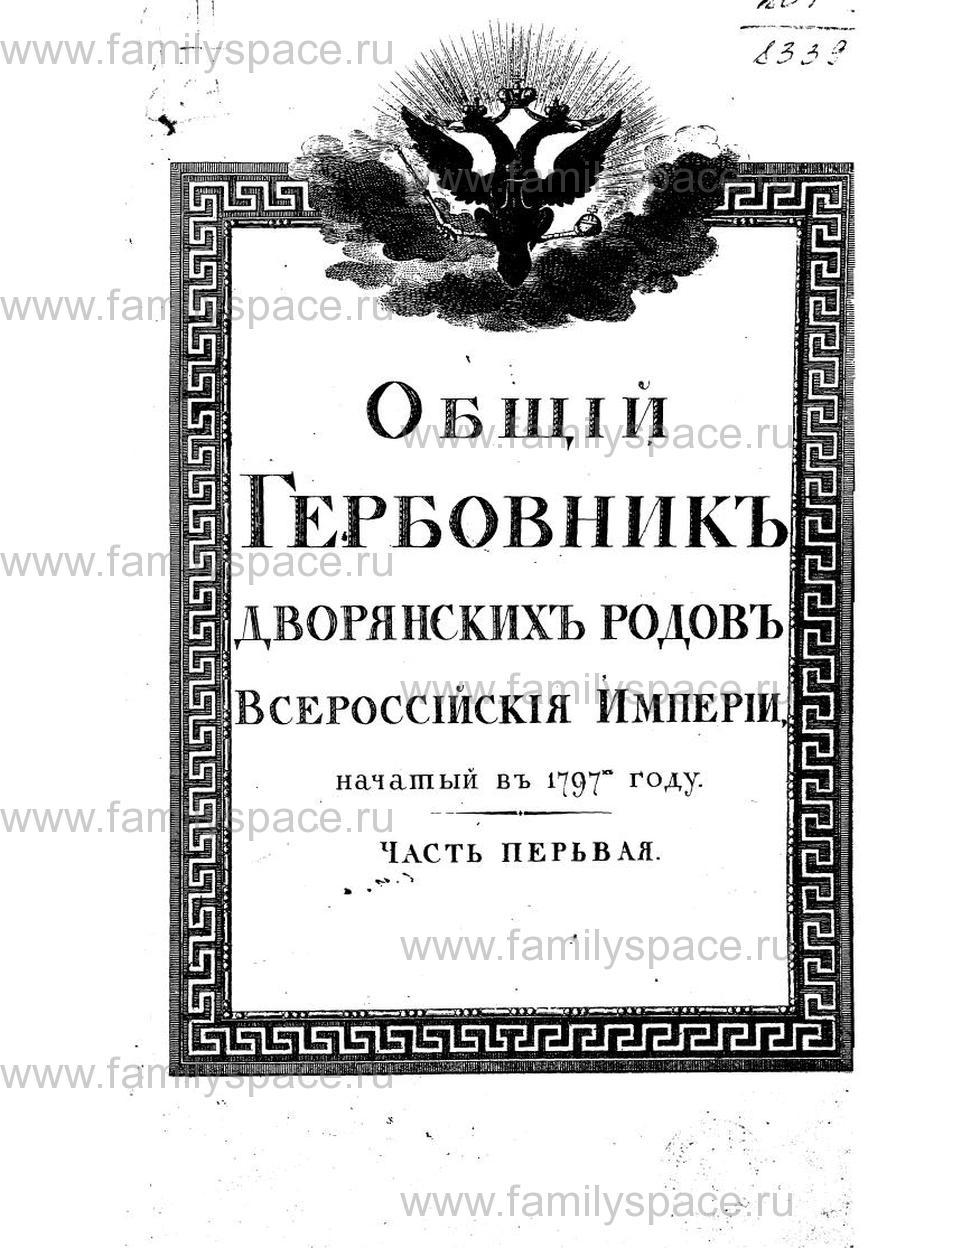 Поиск по фамилии - Общий гербовник дворянских родов Всероссийской империи 1797г., ч.1, страница 1